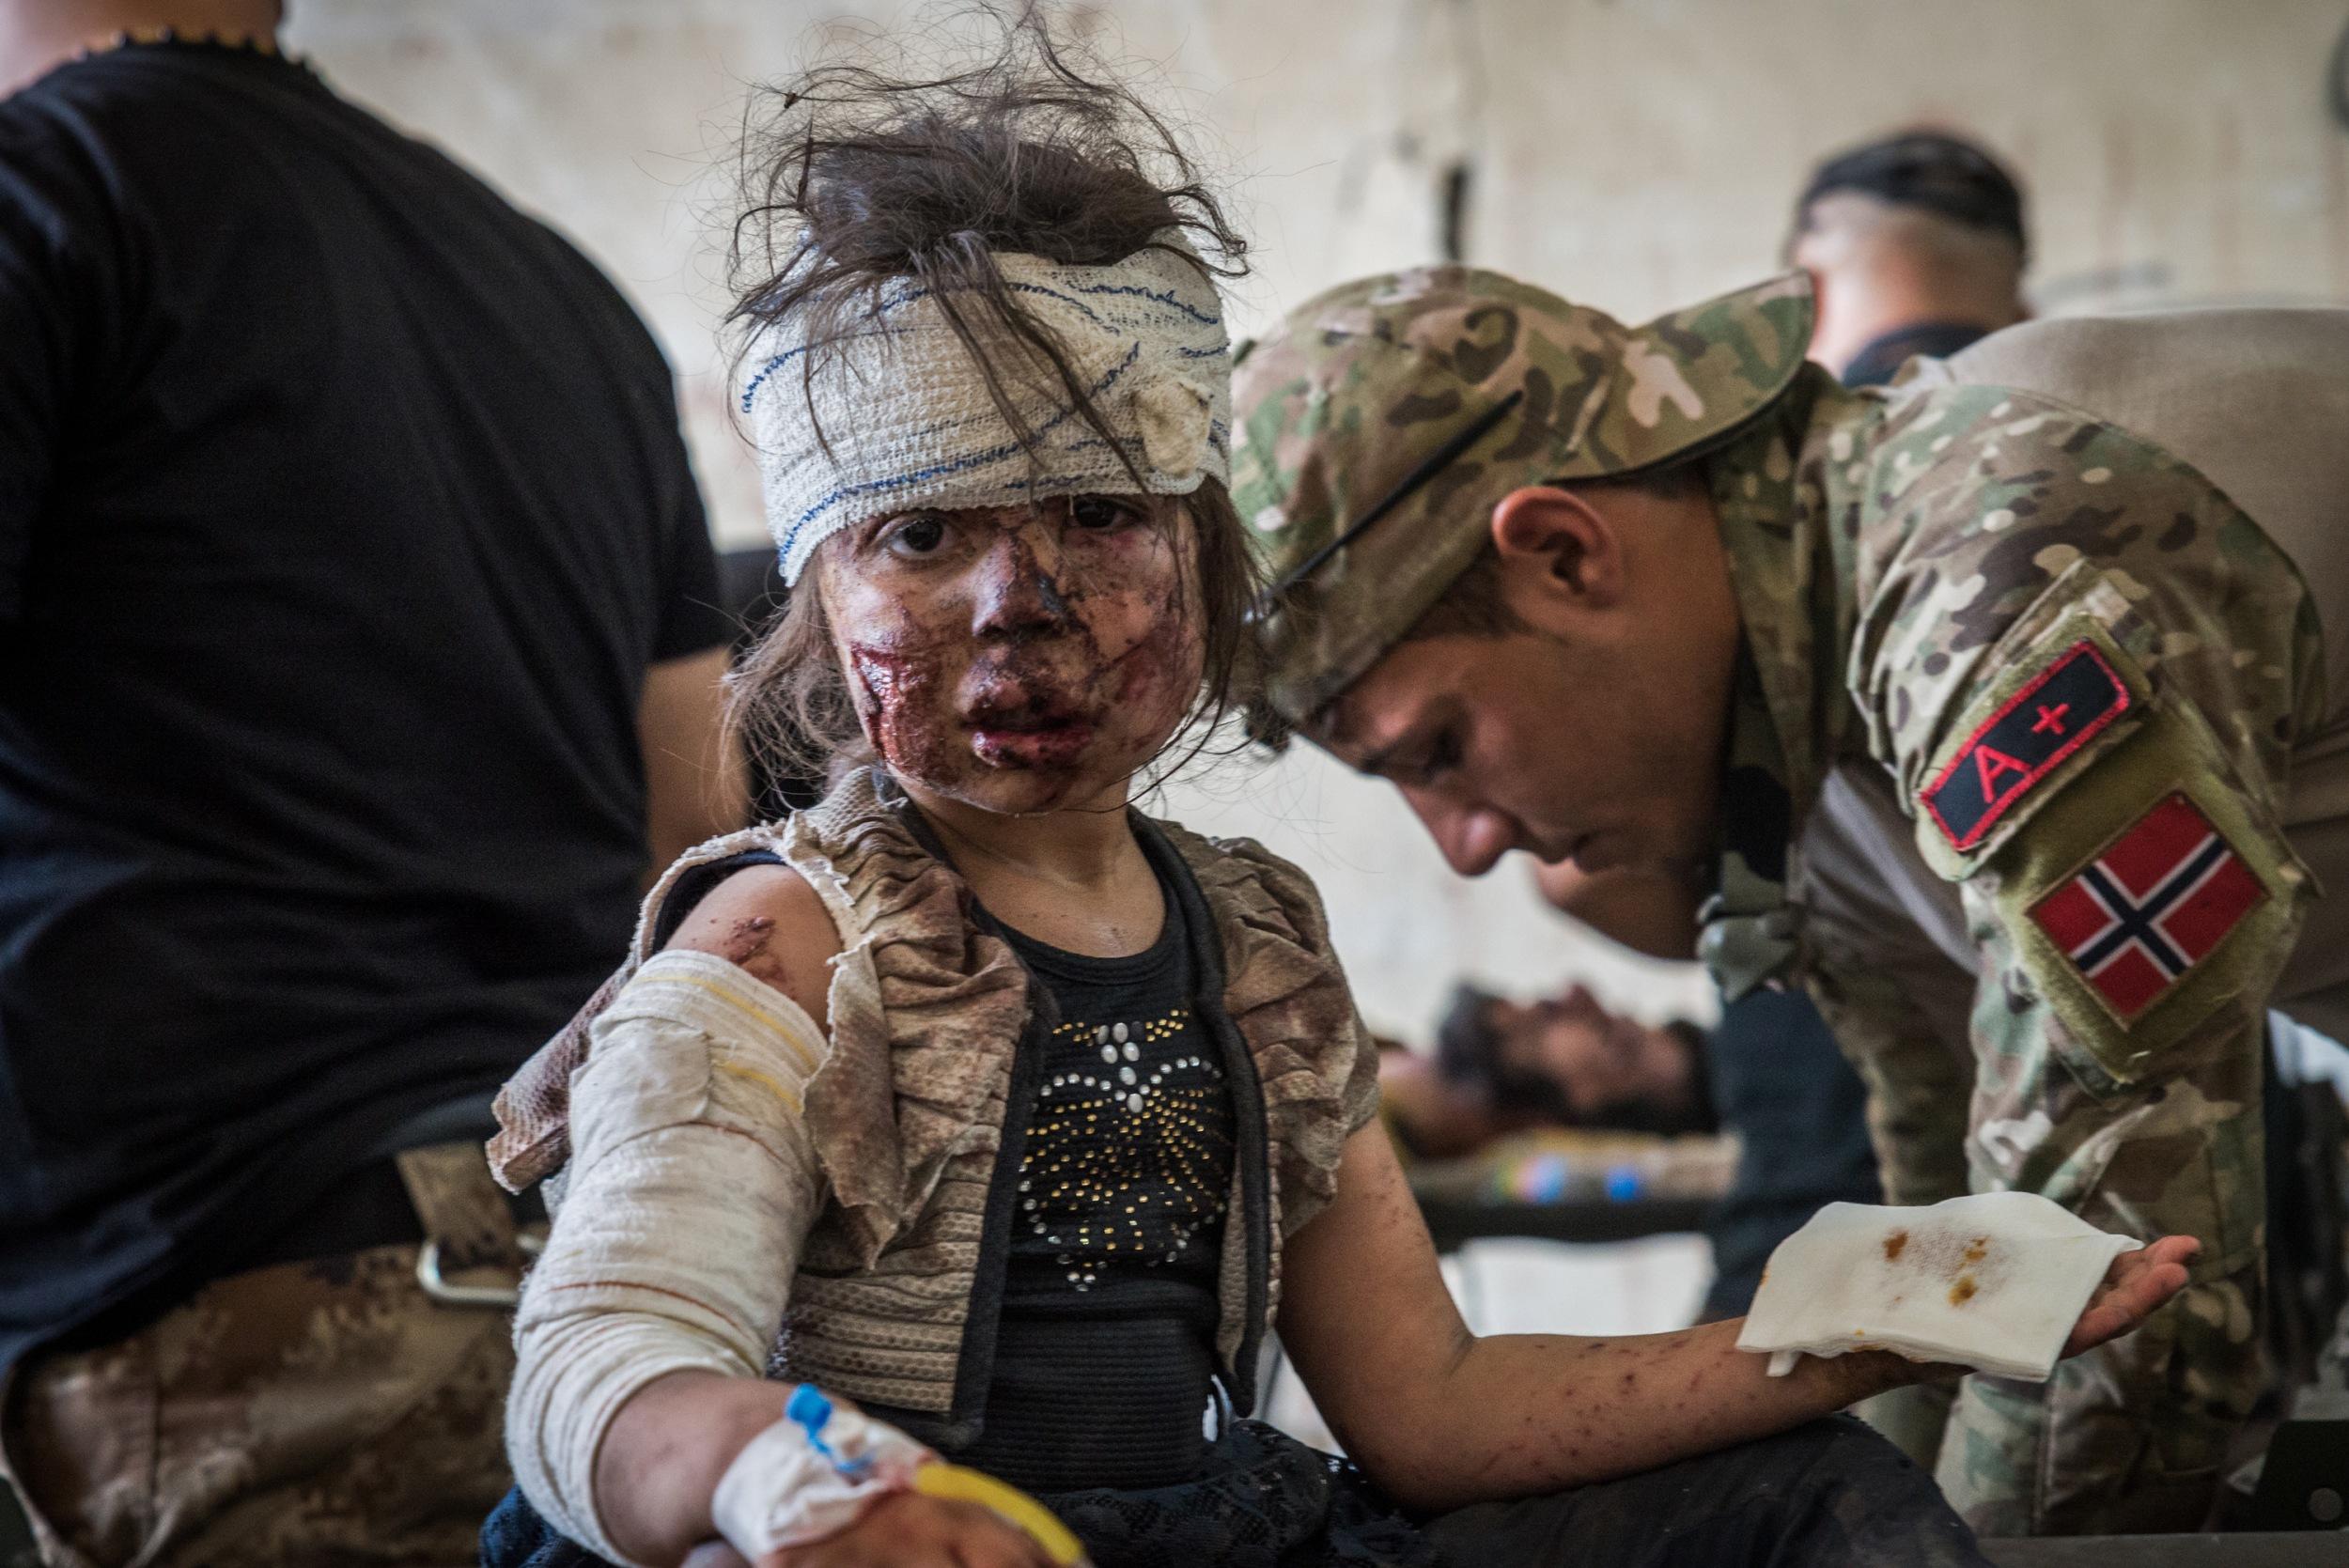 ÜBERLEBT In einer mobilen Krankenstation versorgen Helfer Menschen, die dem Gefecht entkommen sind